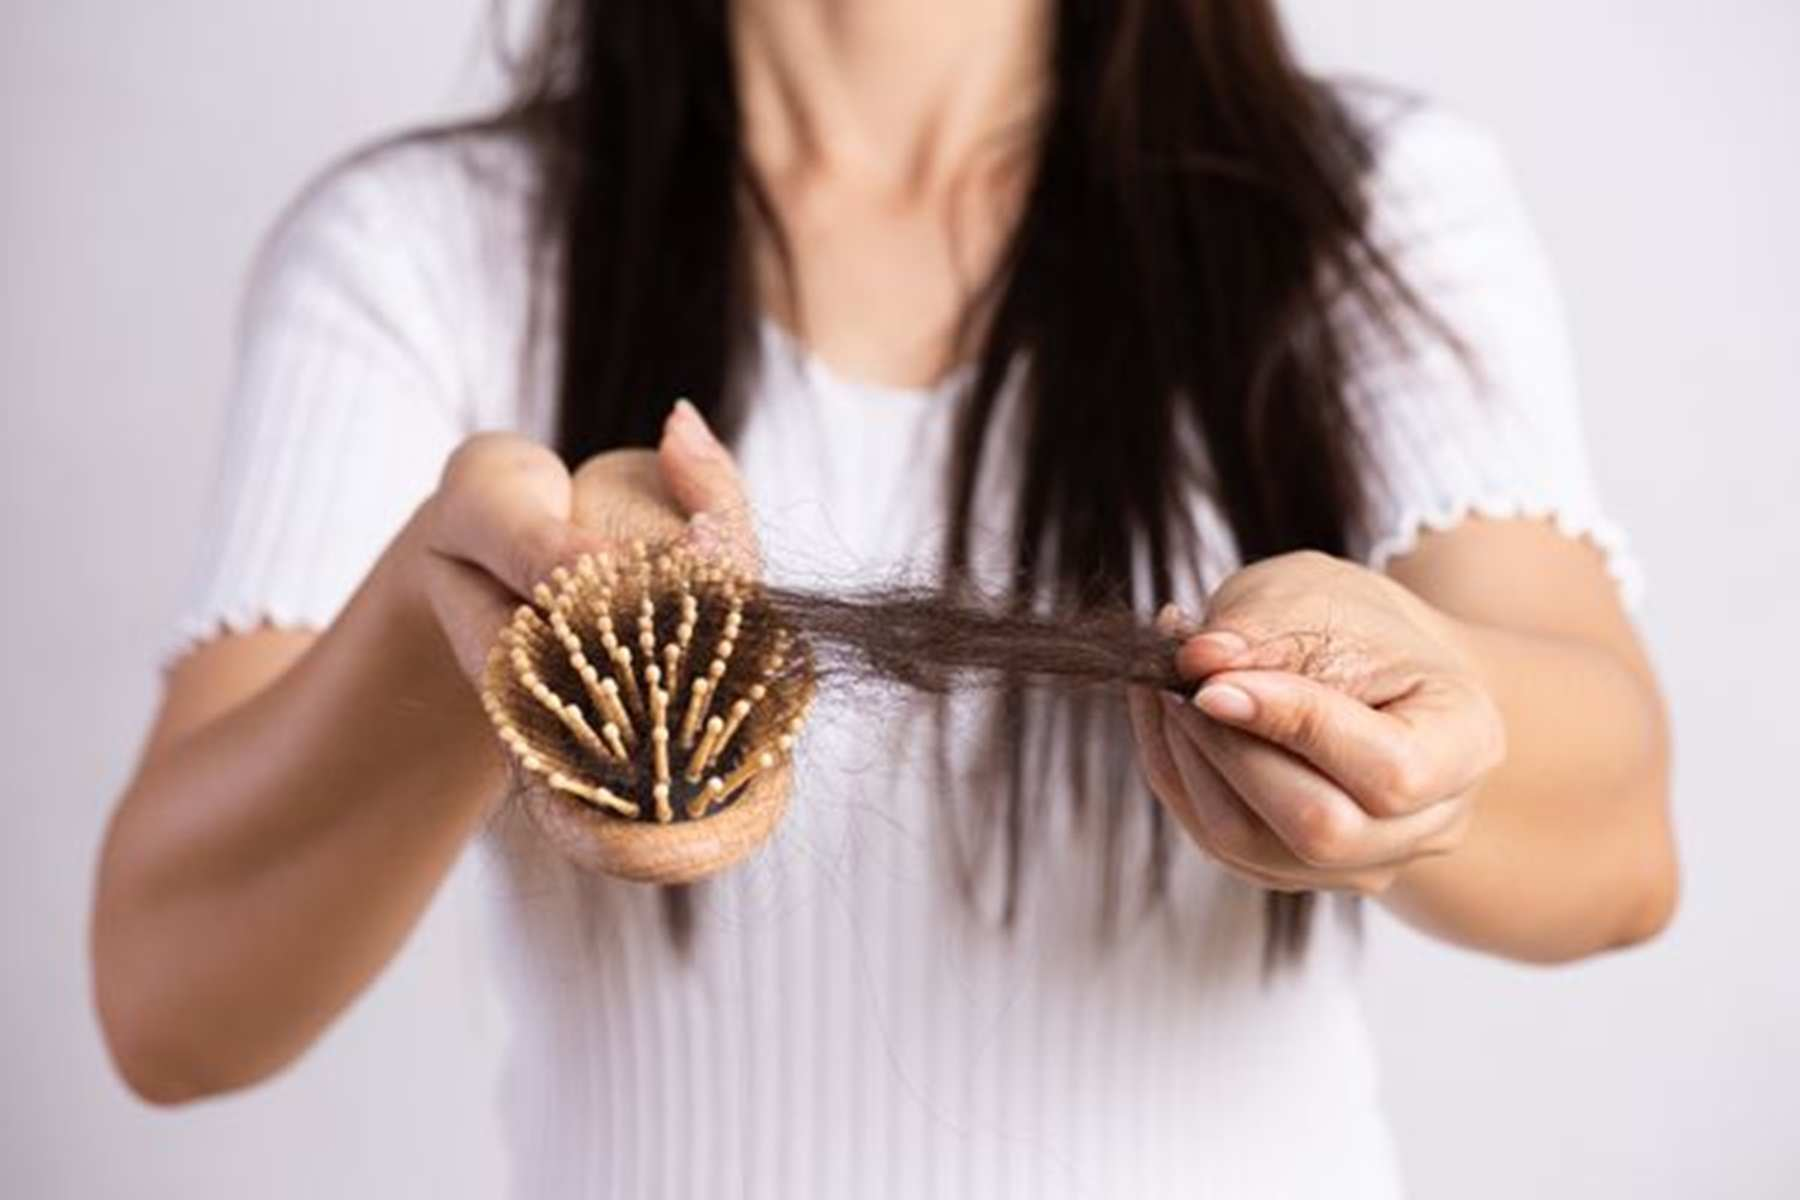 Mulher com escova nas mãos demostrando queda de cabelo